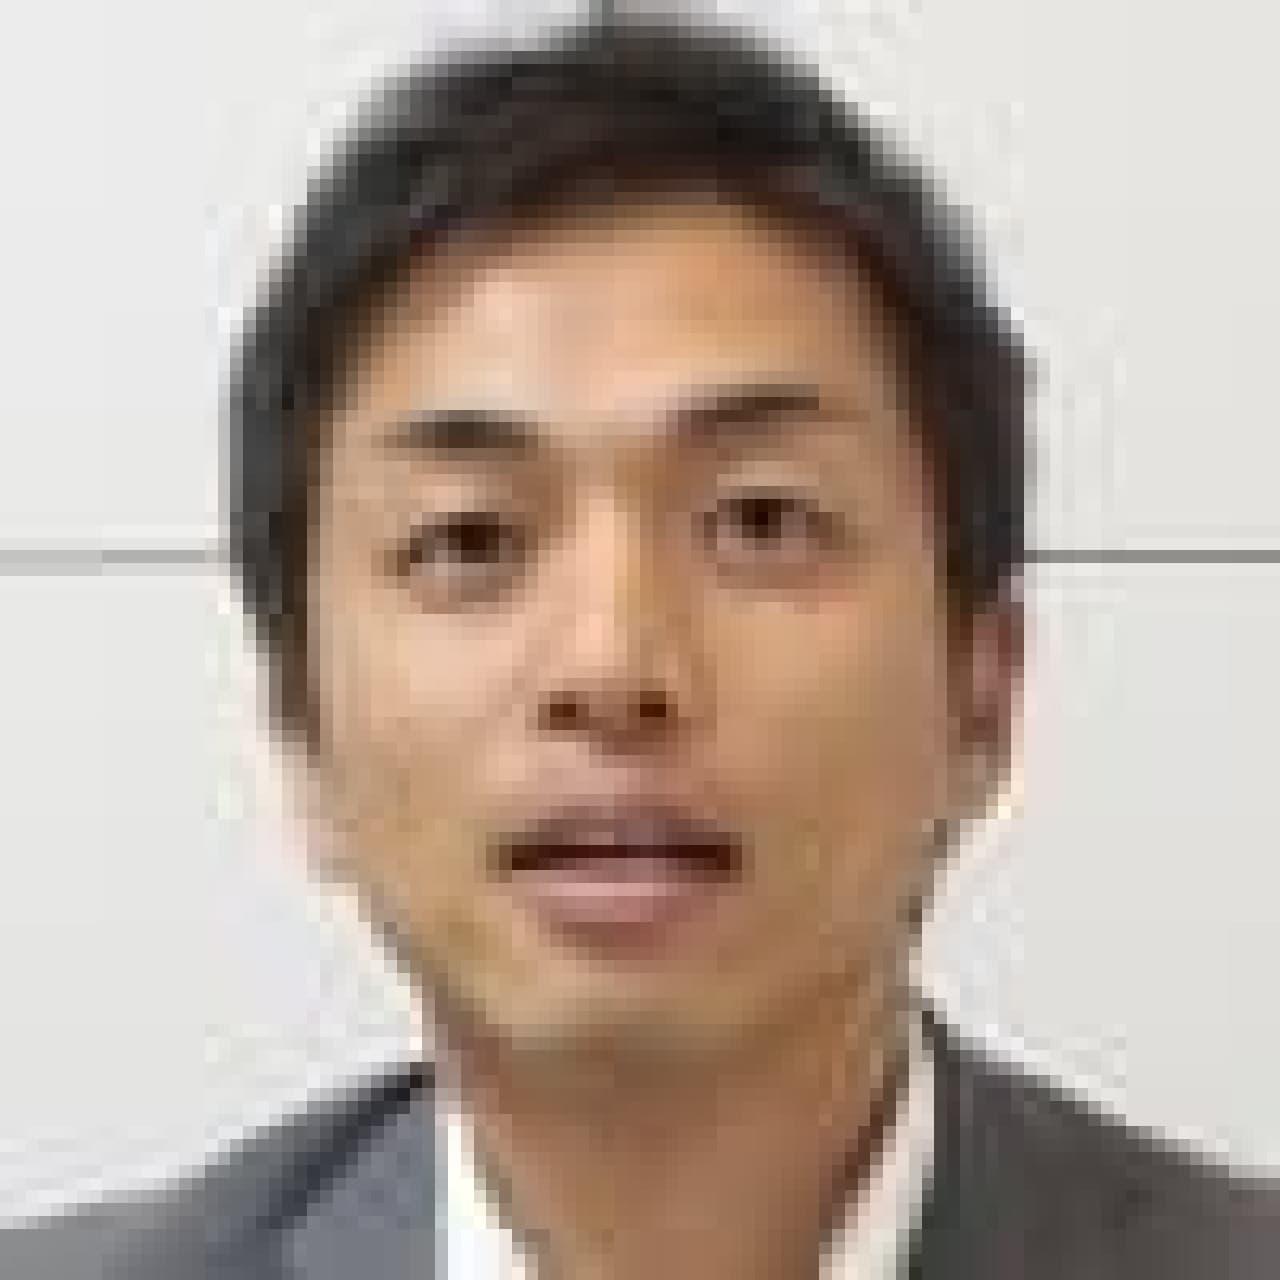 アイリスオーヤマハード事業部 國米雄介さん